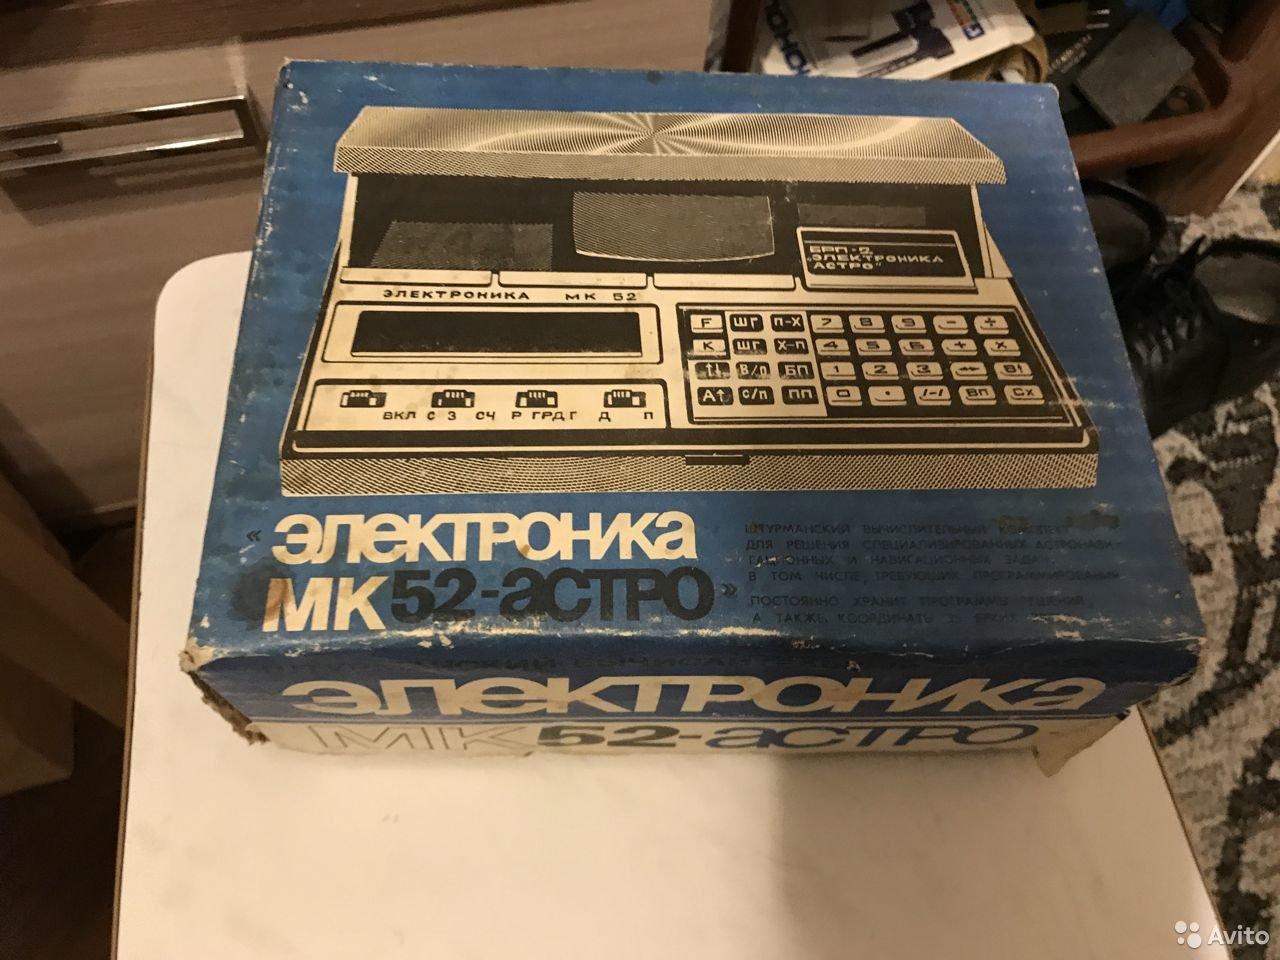 «Электроника Мк-52 Астро». ШВК (Штурманский Вычислительный Комплекс) НЕ новый но в упаковке.